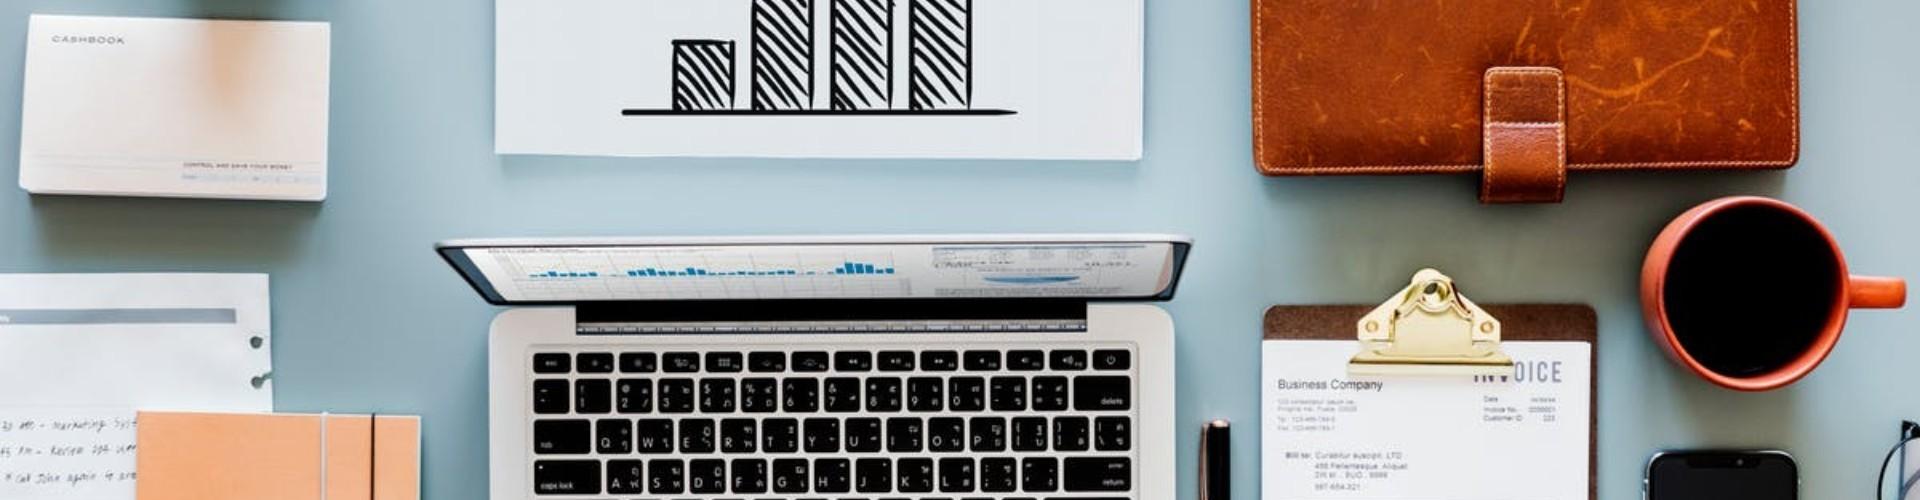 Praca na pół etatu — ile to godzin? Ile urlopu? Gdzie szukać pracy?